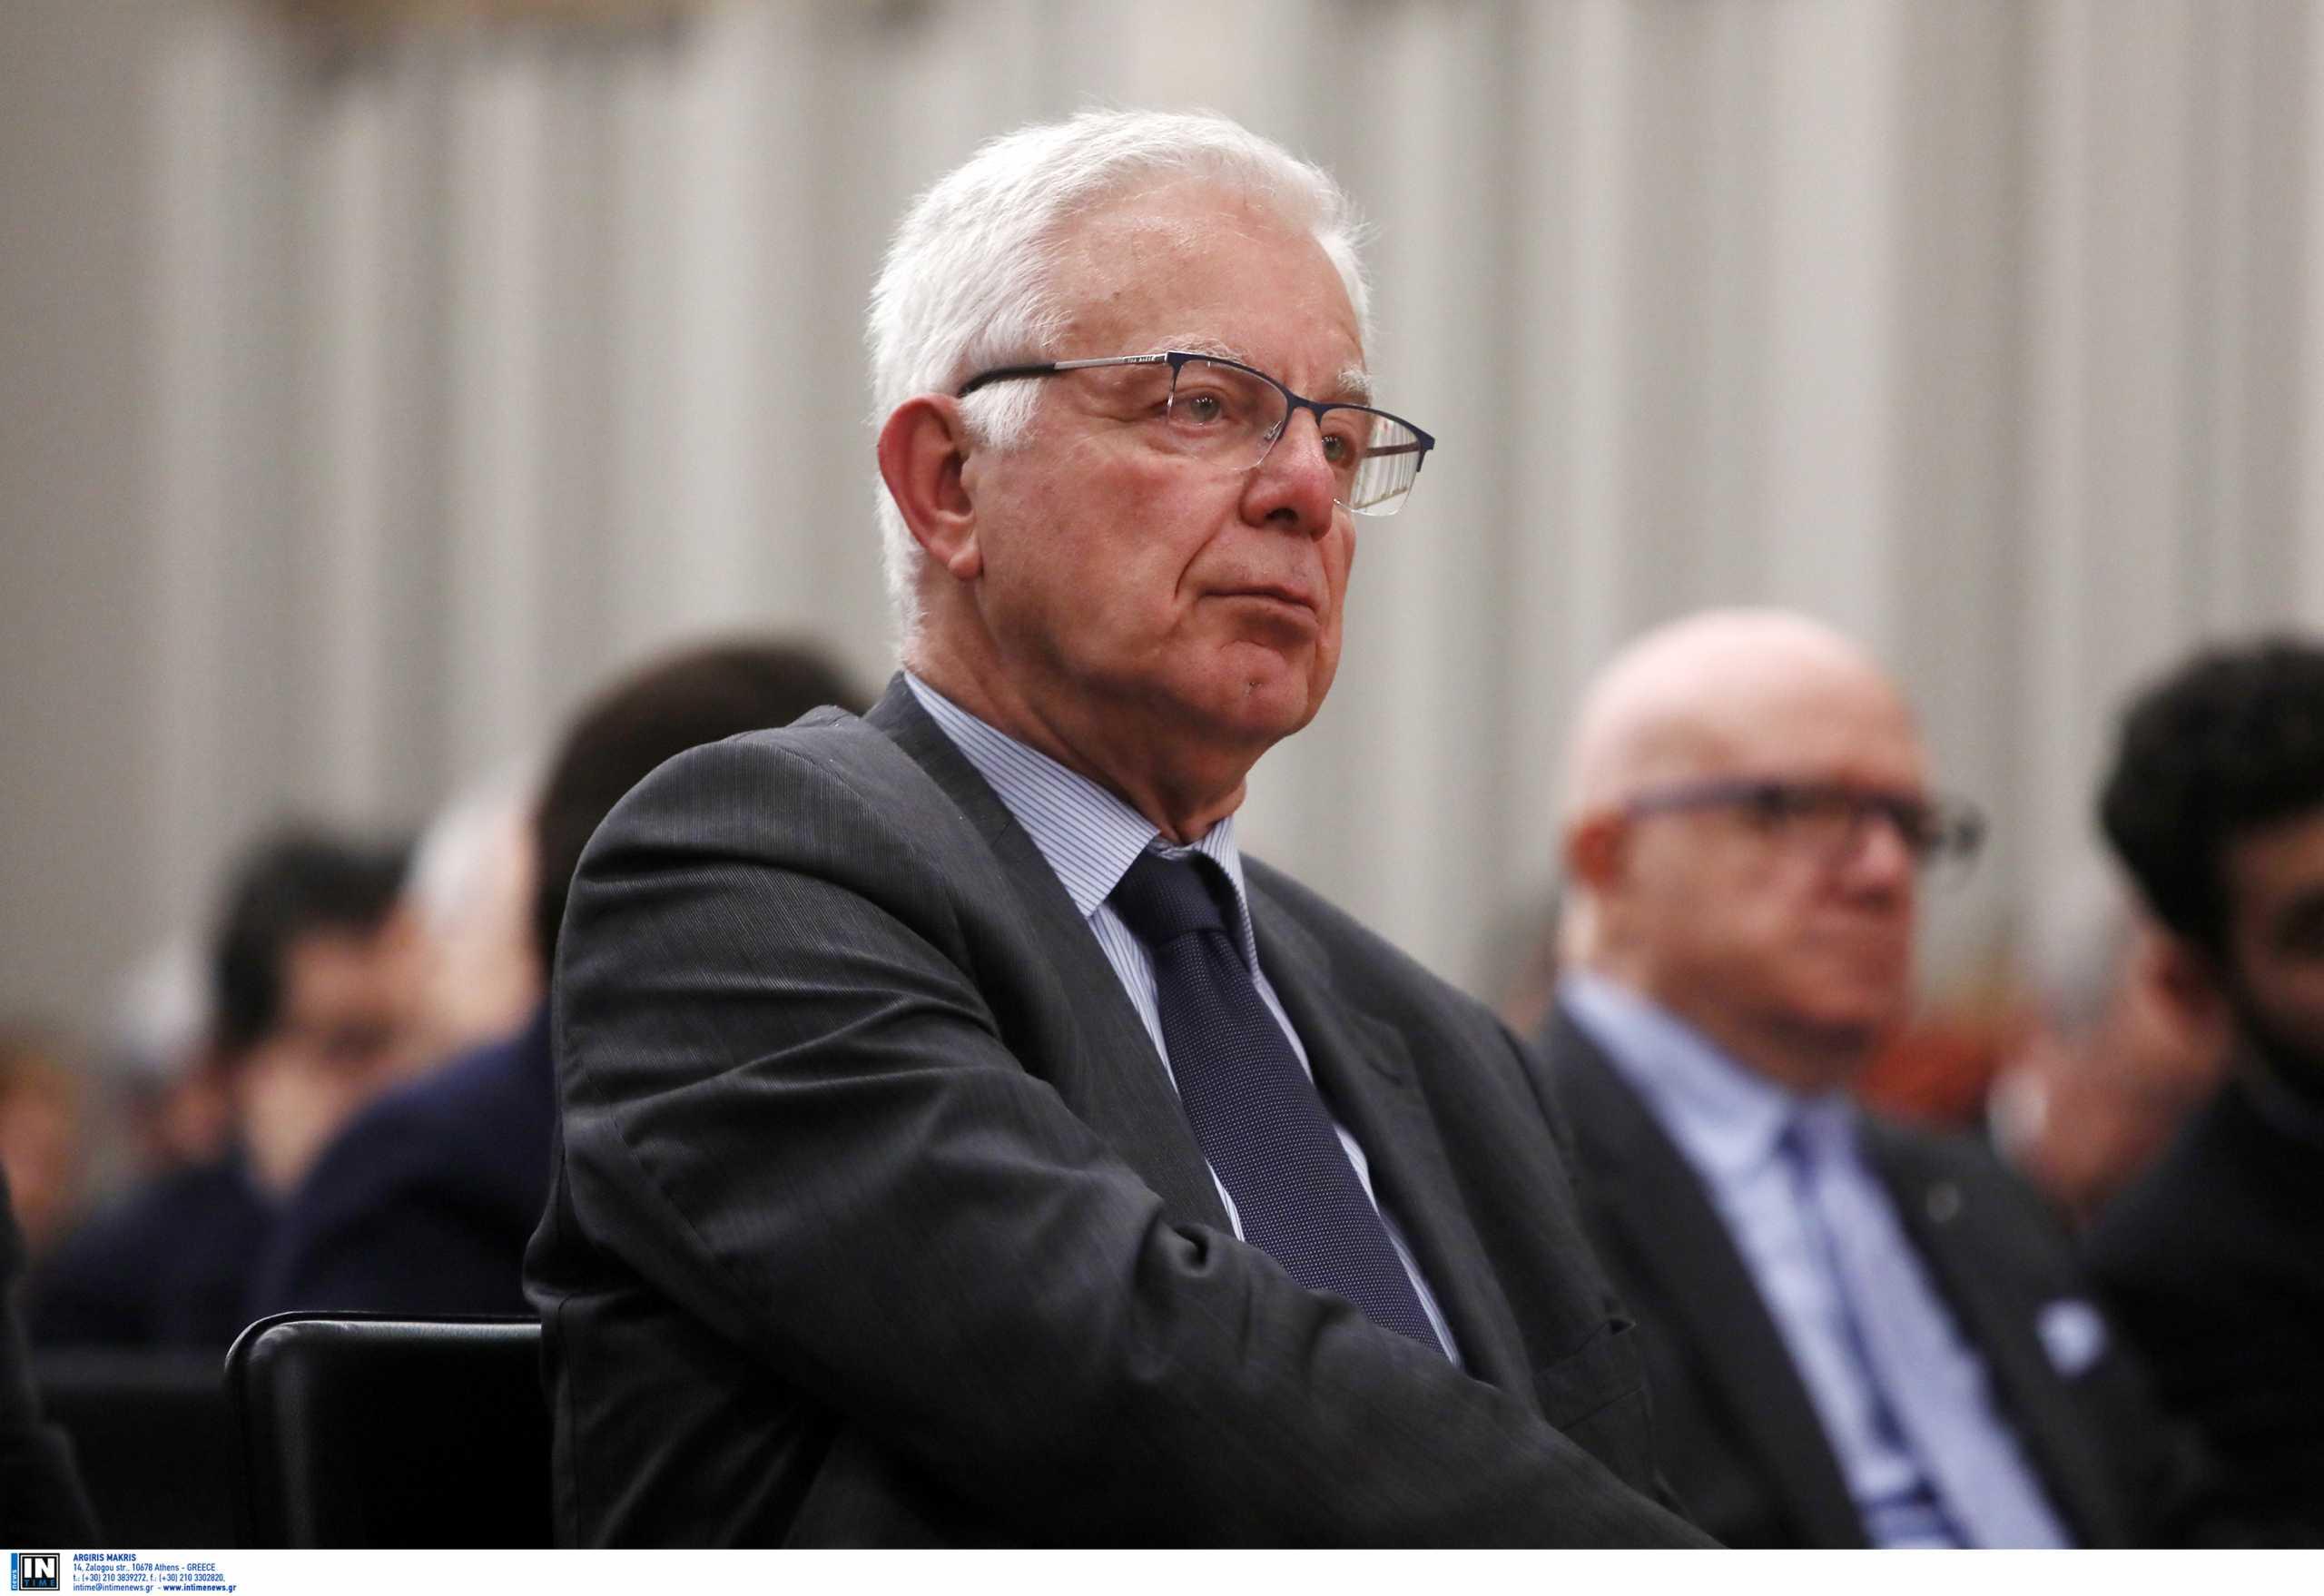 Παναγιώτης Πικραμμένος: «Θα κλείναμε τις τράπεζες» –  Αποκάλυψη για τις διαπραγματεύσεις με την Άνγκελα Μέρκελ